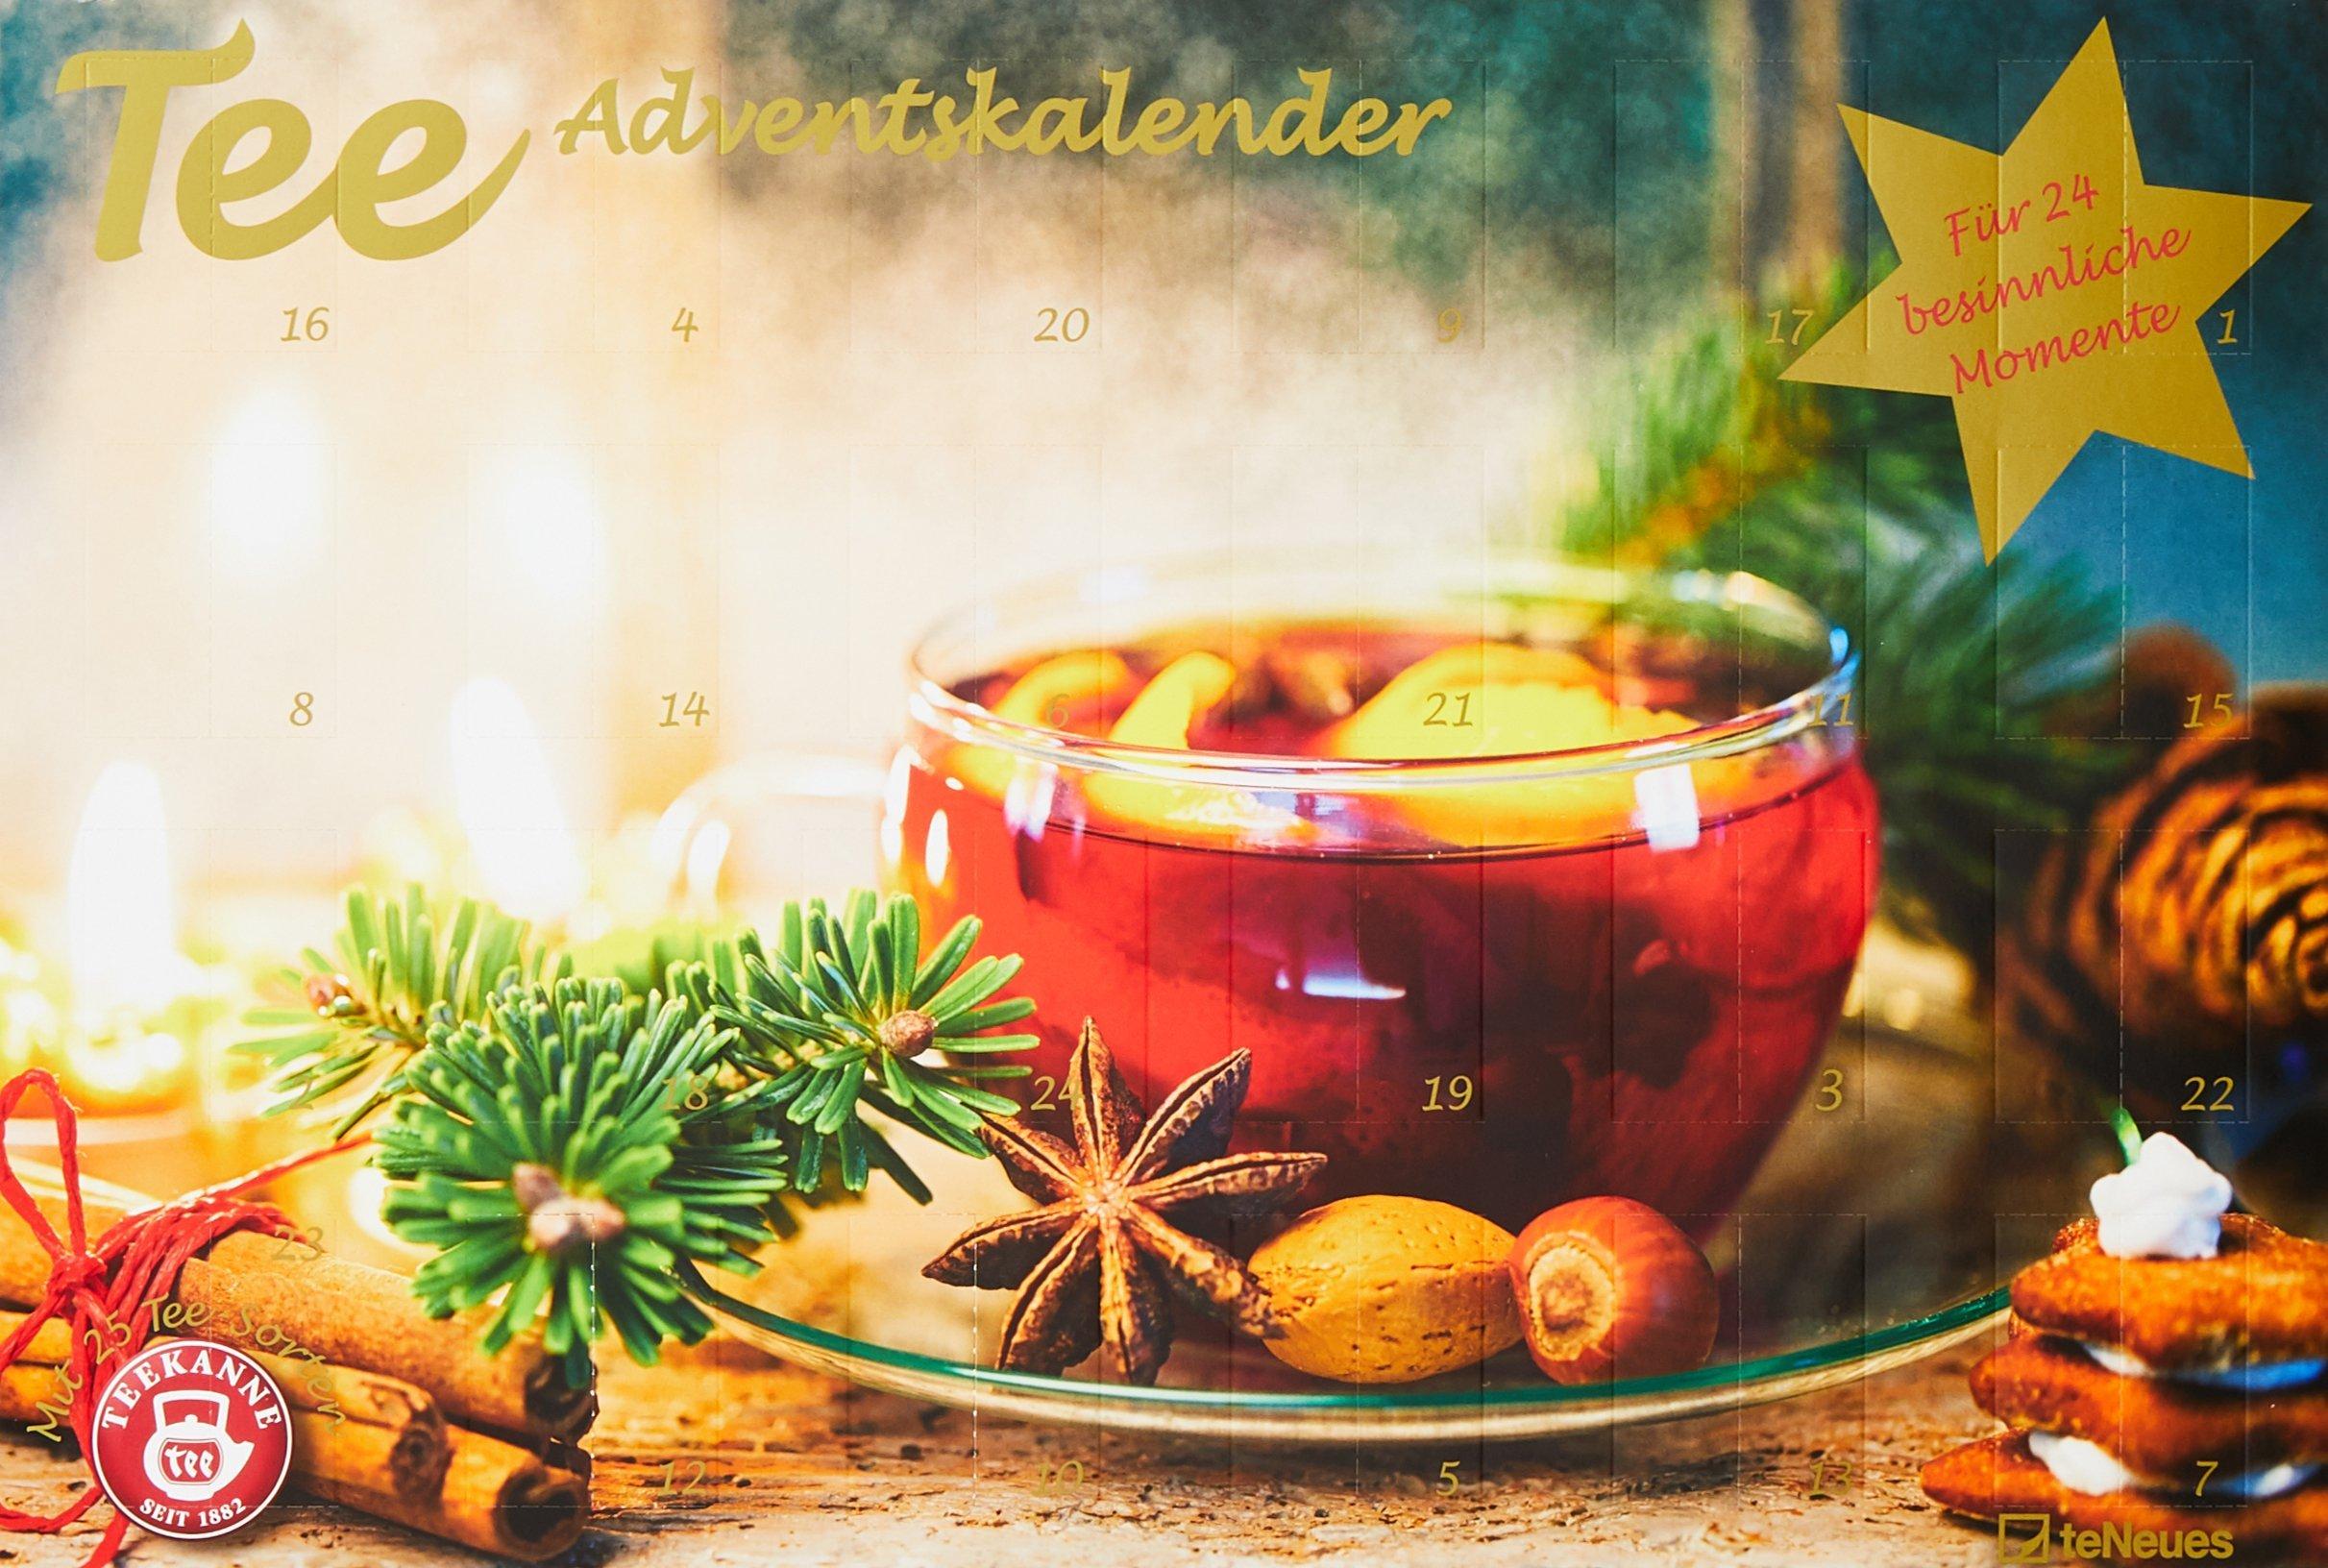 Tee-Adventskalender 2017 - Teekalender, Adventskalender, 25 Teekompositionen für eine genussvolle Adventszeit - 56 x 38 cm Kalender – Adventskalender, 15. Oktober 2017 B01MR06TZ6 Advent 2017 Geschenk Reisen / Bildbände / Europa